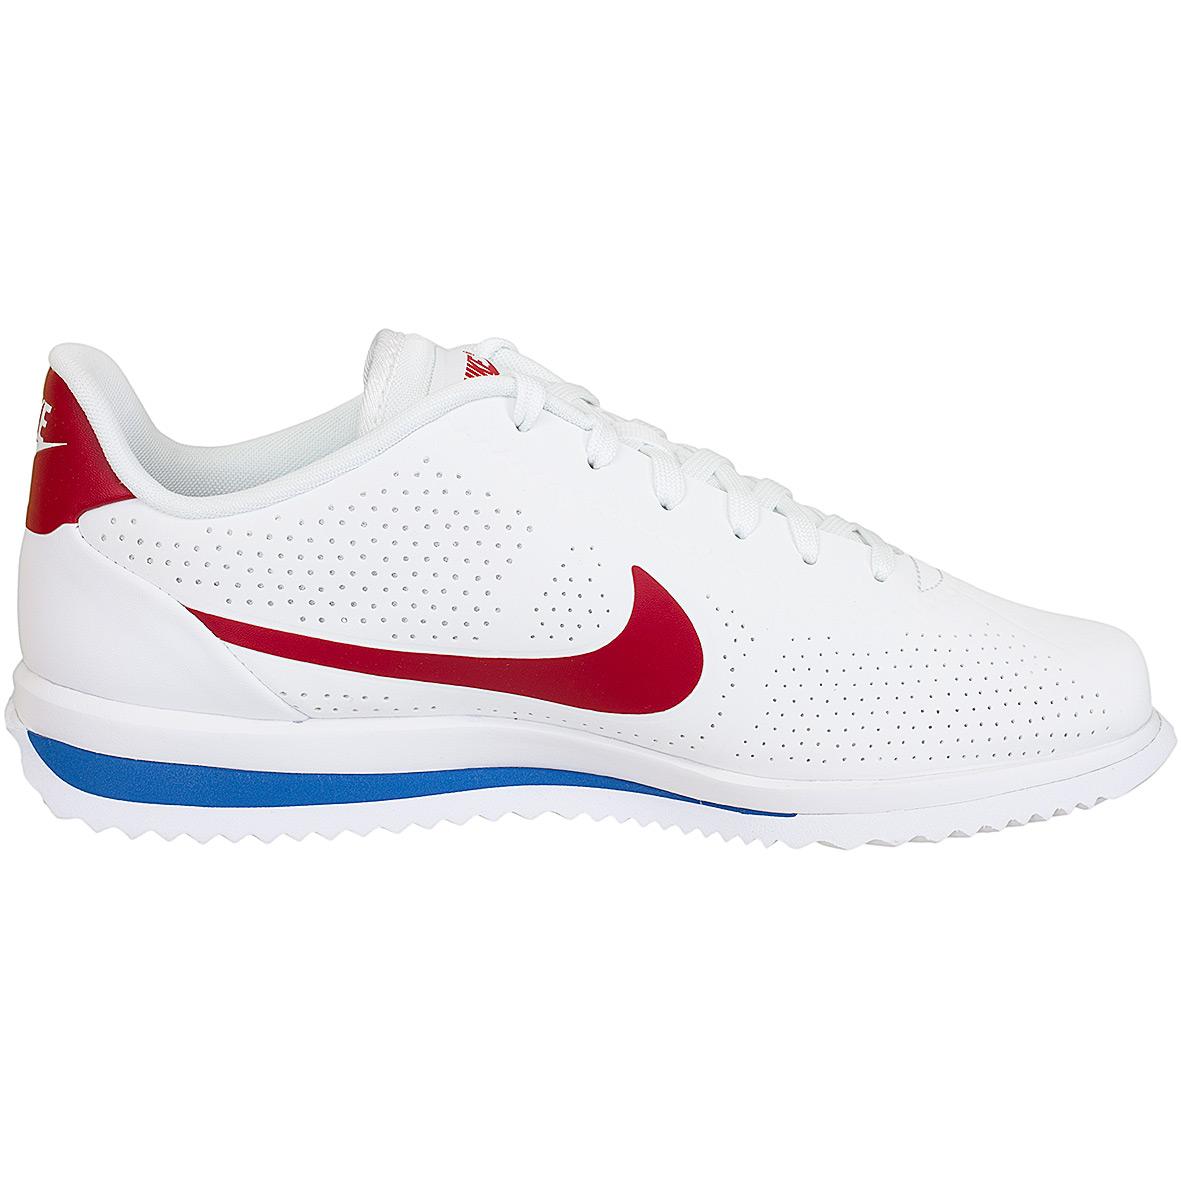 ☆ Nike Sneaker Cortez Ultra Moire weiß/rot - hier bestellen!